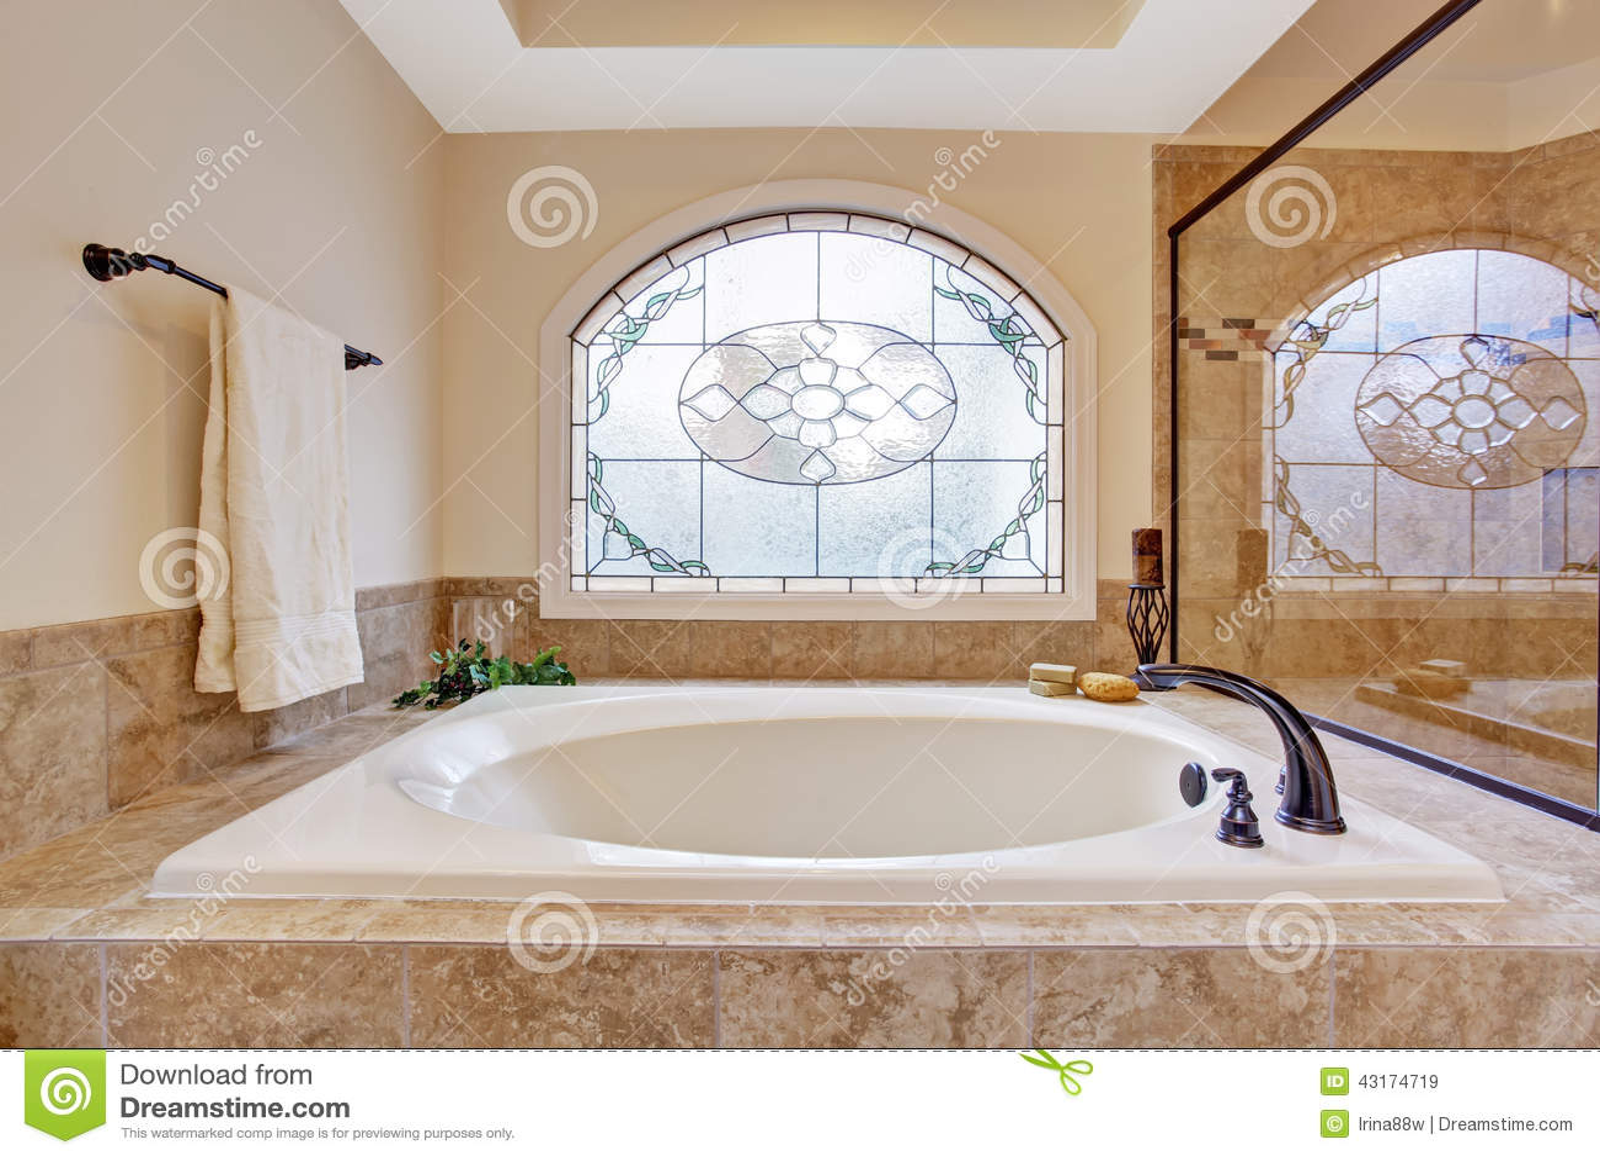 belle baignoire dans la salle de bains de luxe photo stock. Black Bedroom Furniture Sets. Home Design Ideas